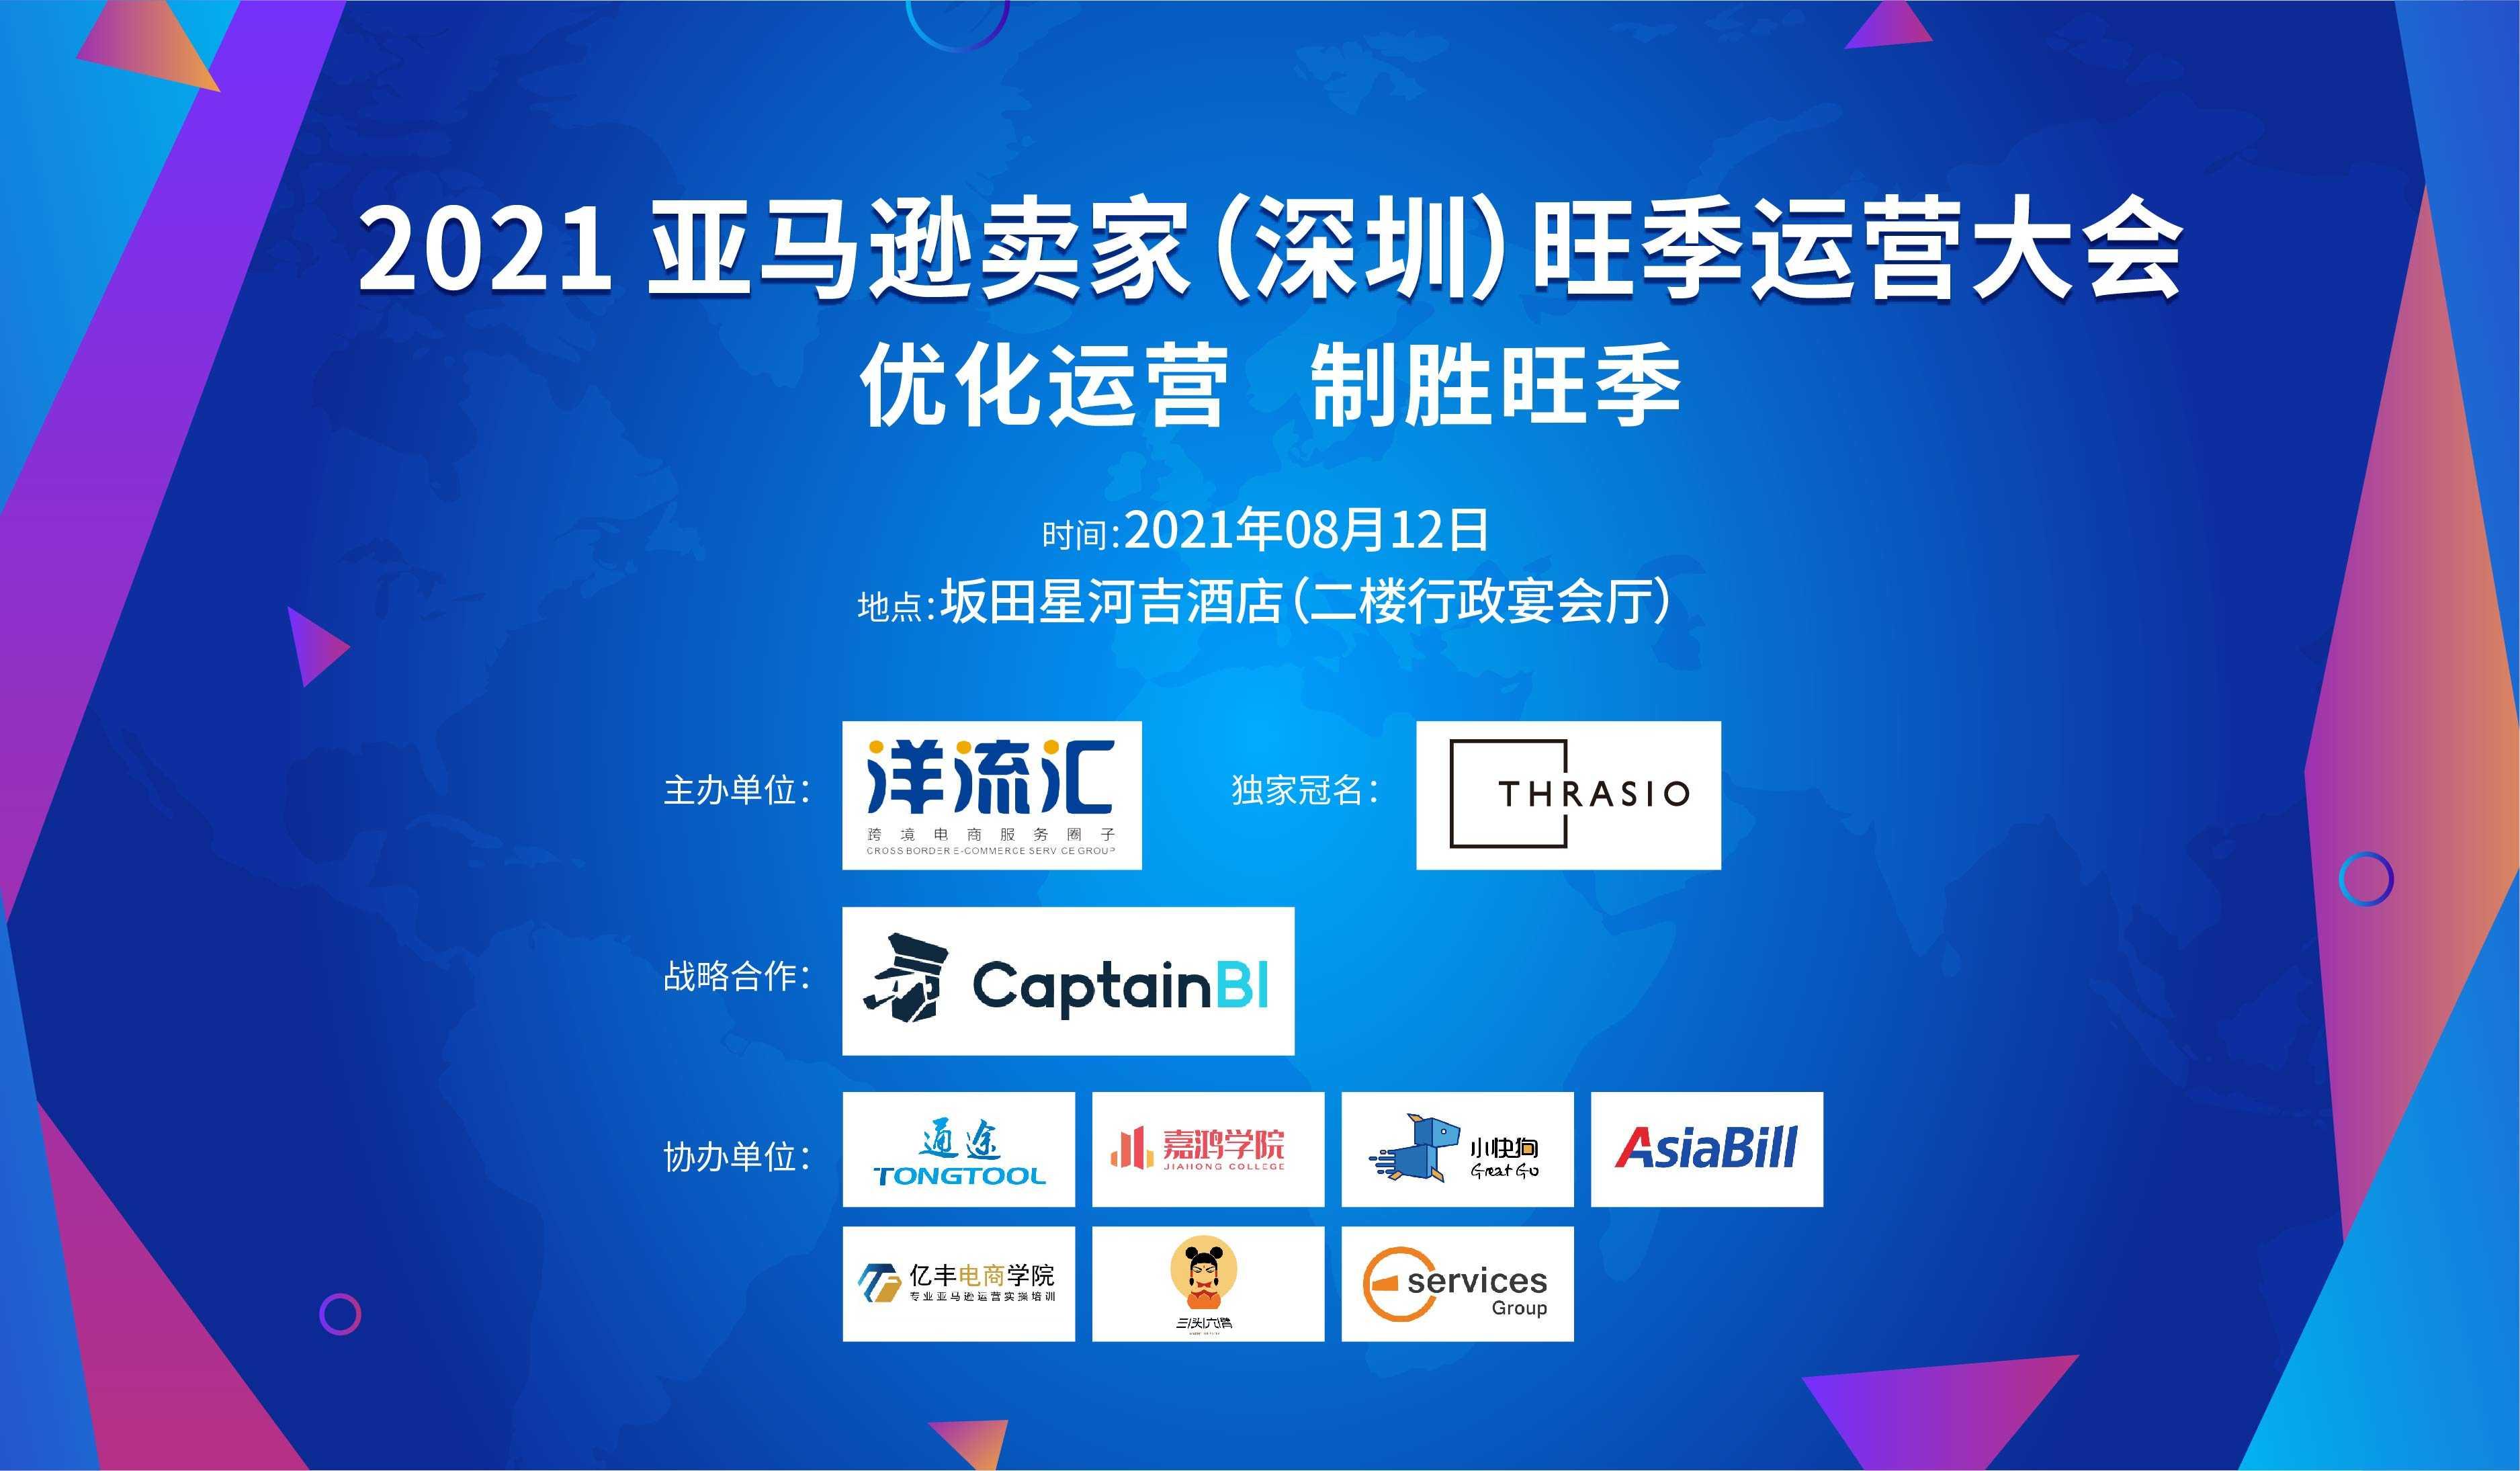 2021亚马逊卖家(深圳)旺季运营大会